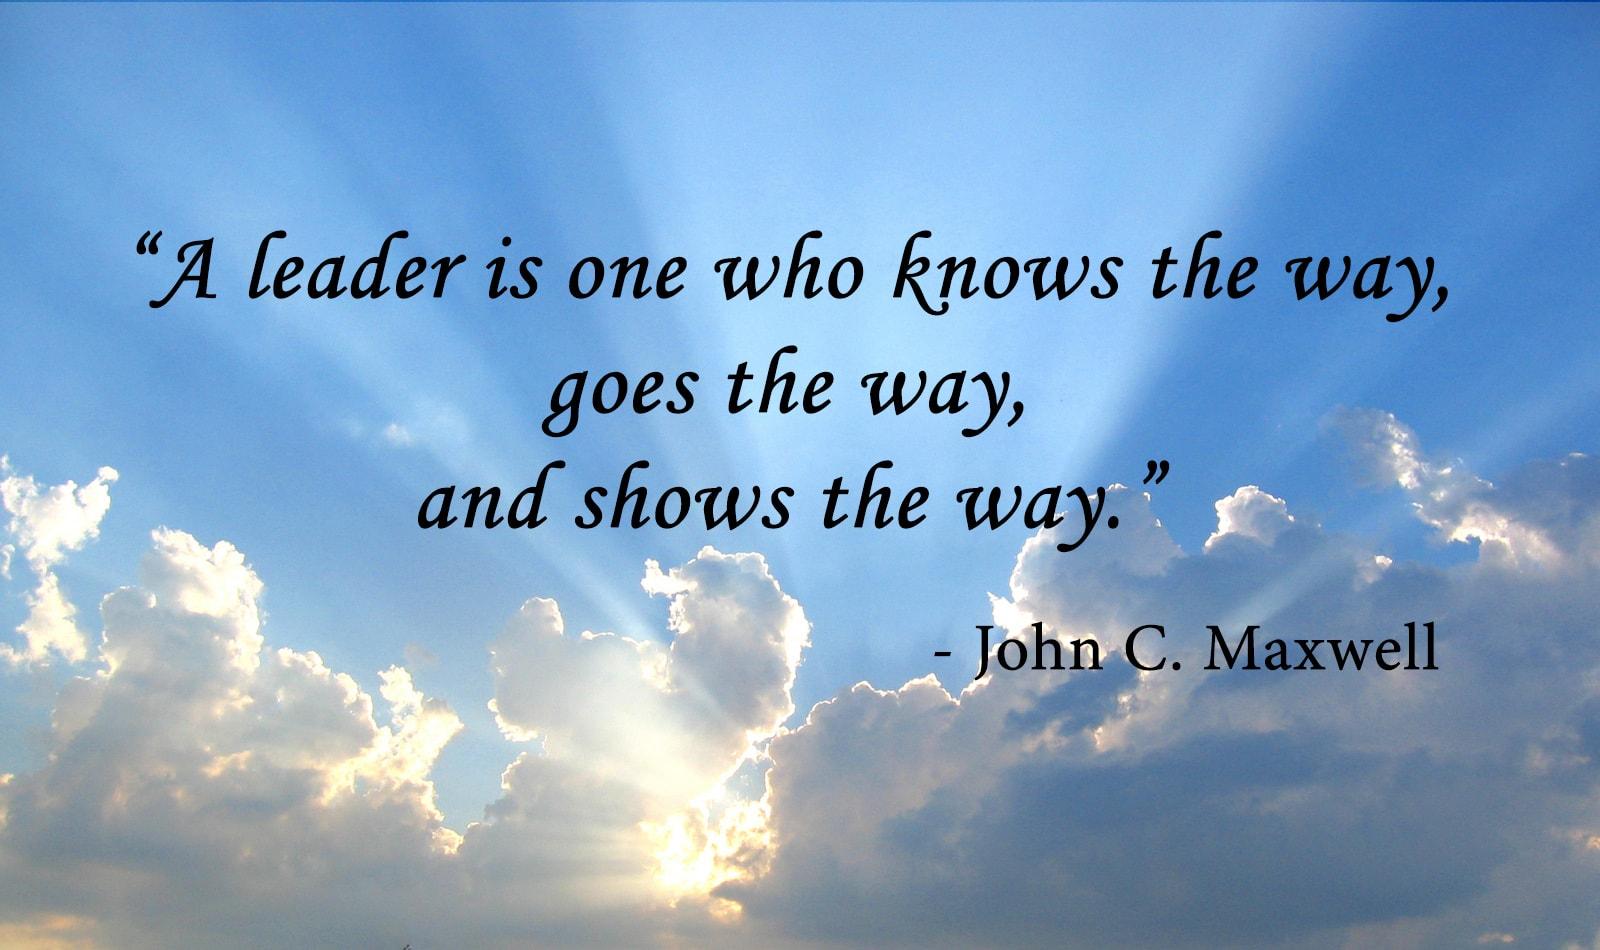 Leadership Skills, Leader